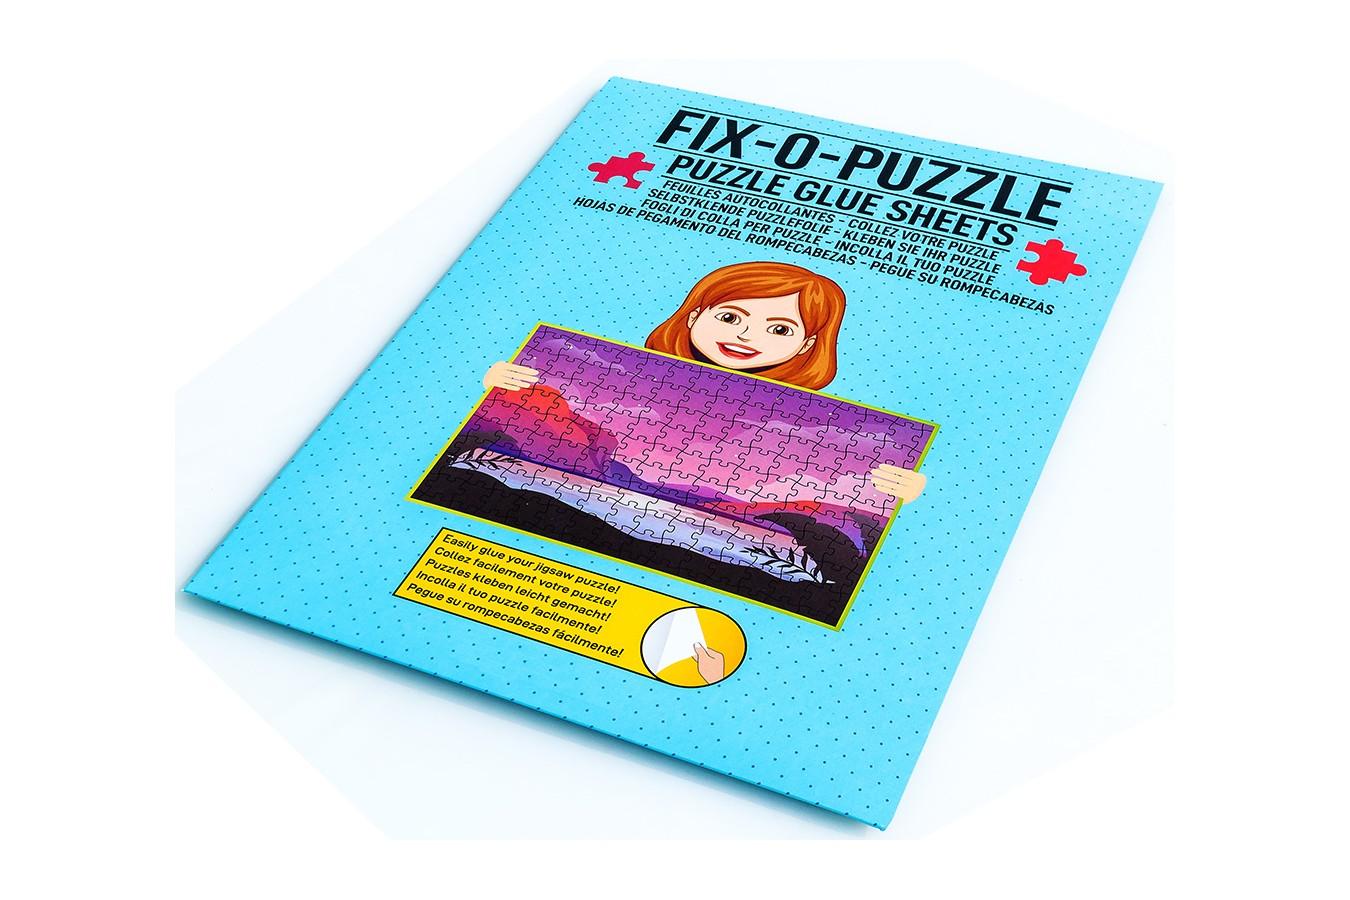 Folie pentru lipit puzzle, alba (WLP-2000) imagine